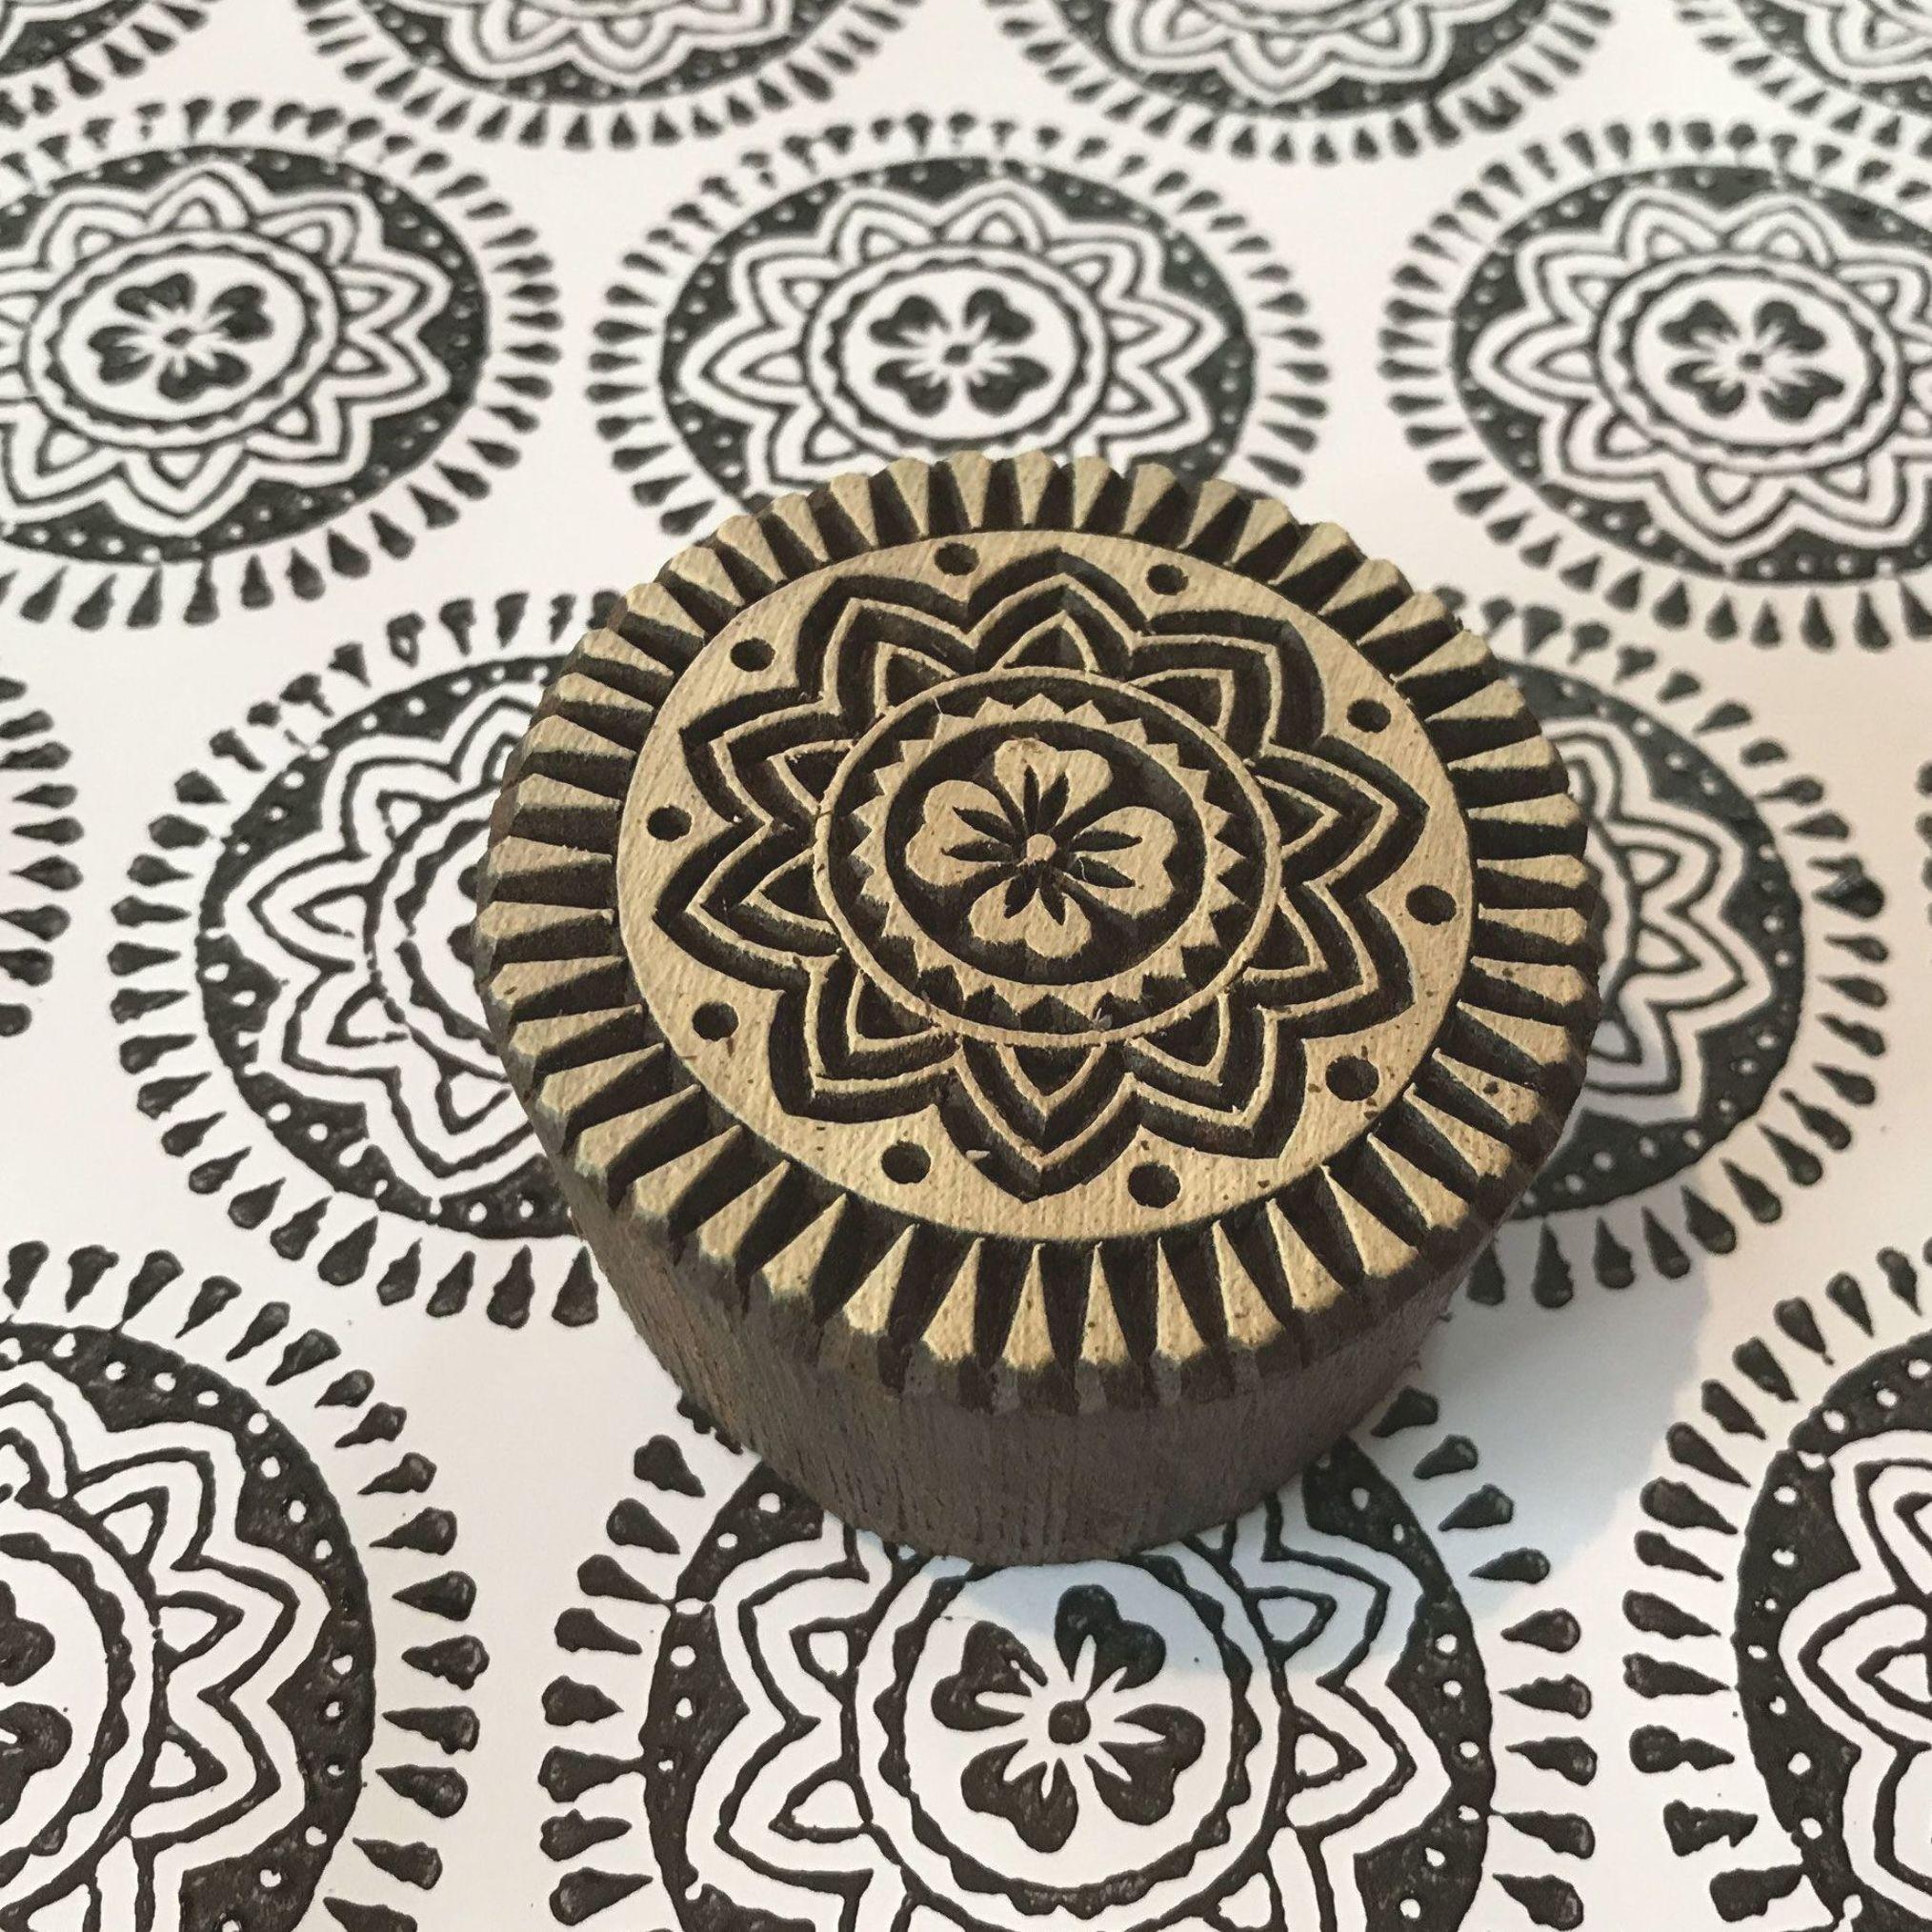 Block Print Stamp Mandala Motif M 133 Block Printing Fabric Hand Carved Stamps Stamp Carving